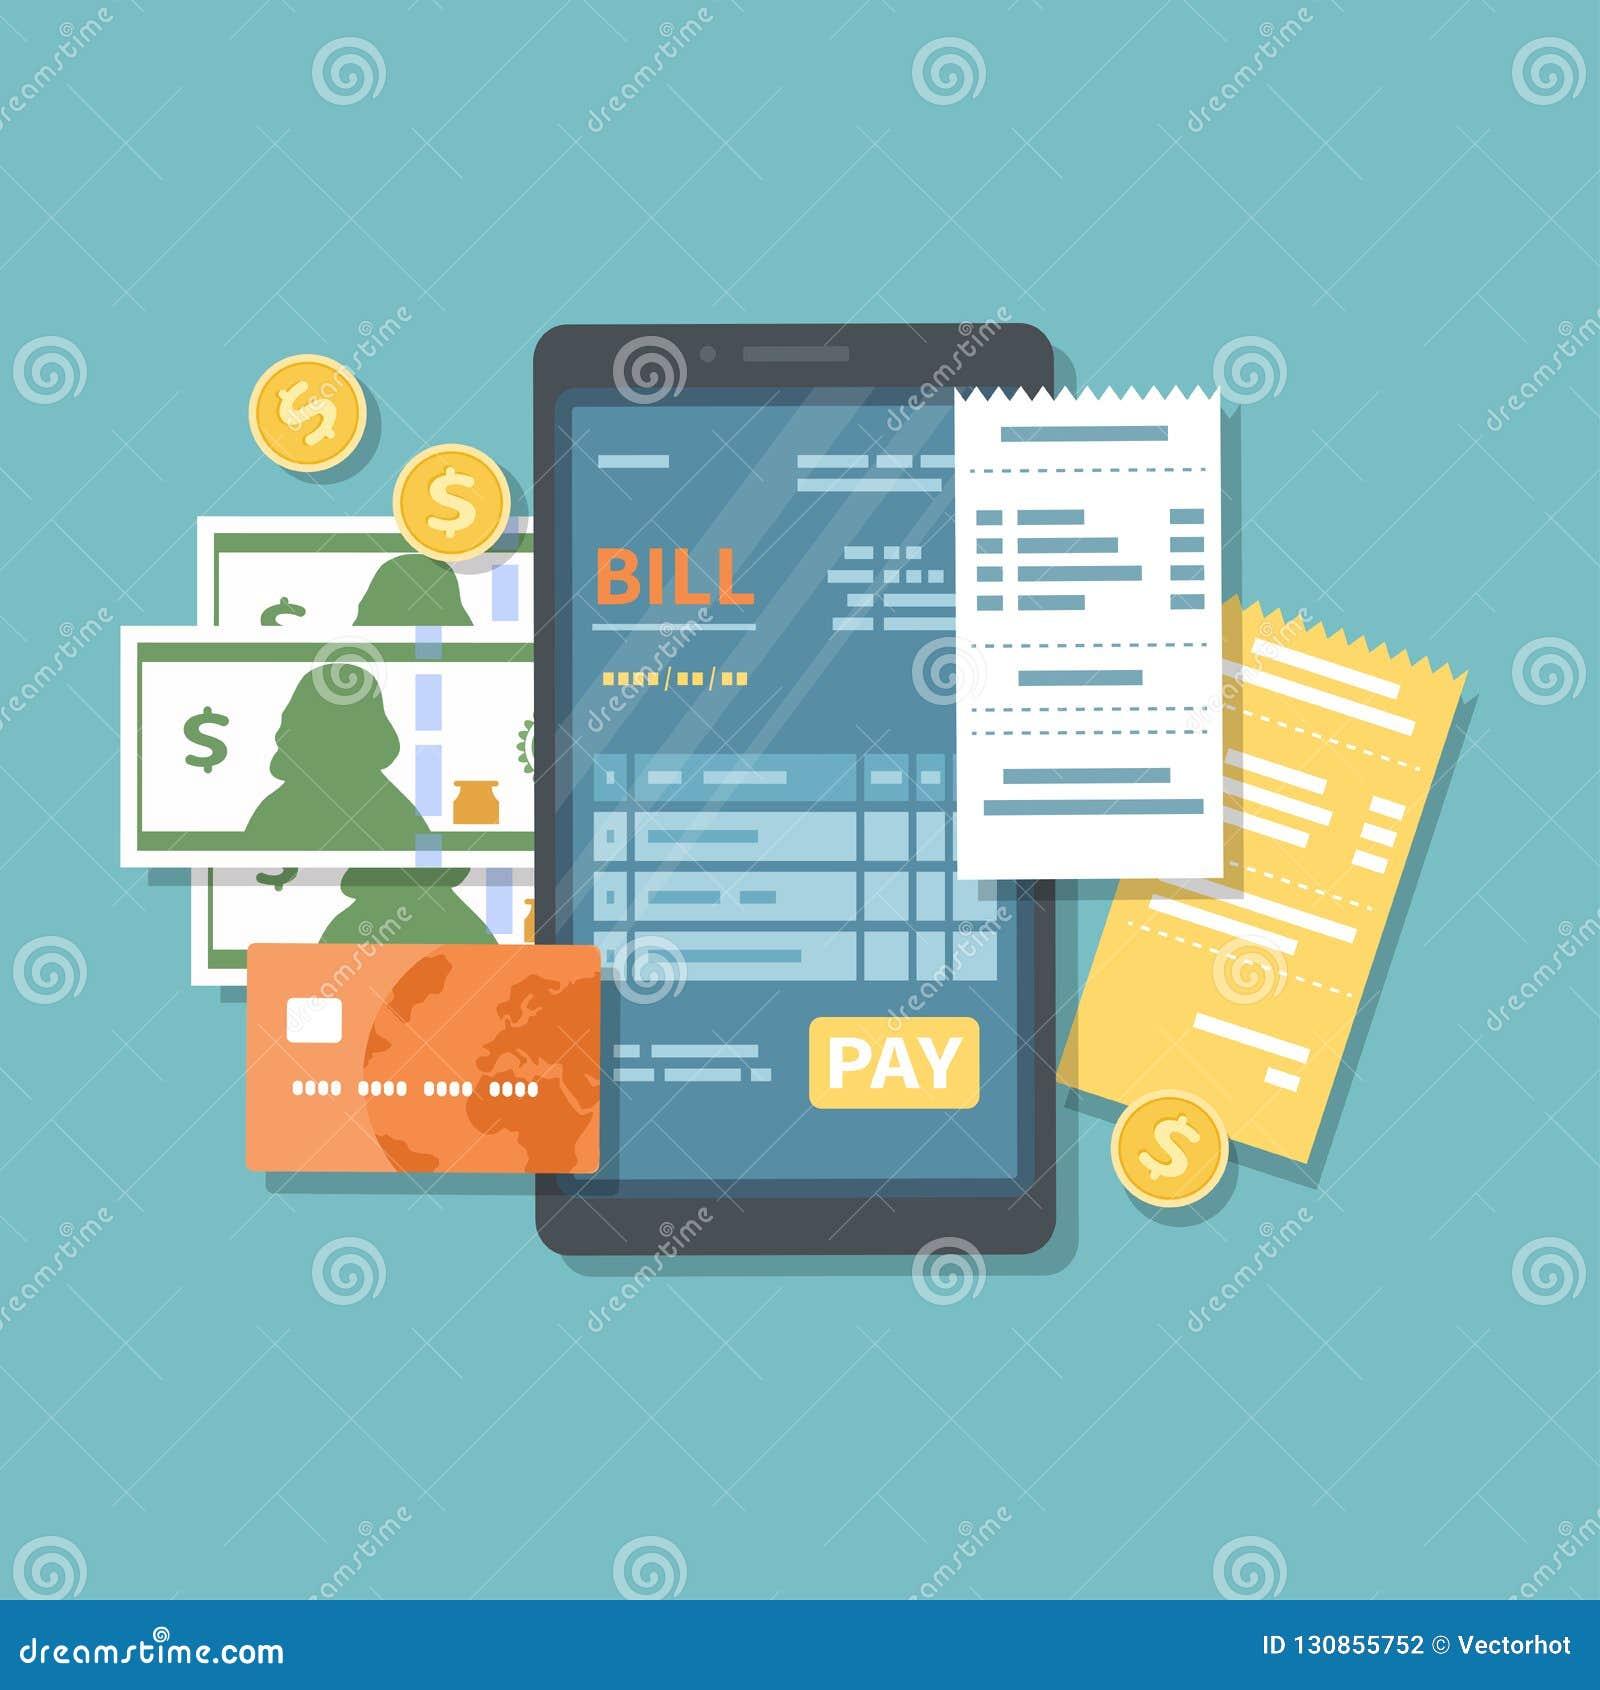 Билл на экране телефона с кнопкой оплаты Онлайн-платеж товаров, обслуживание, общее назначение, банк, ресторан через телефон мир